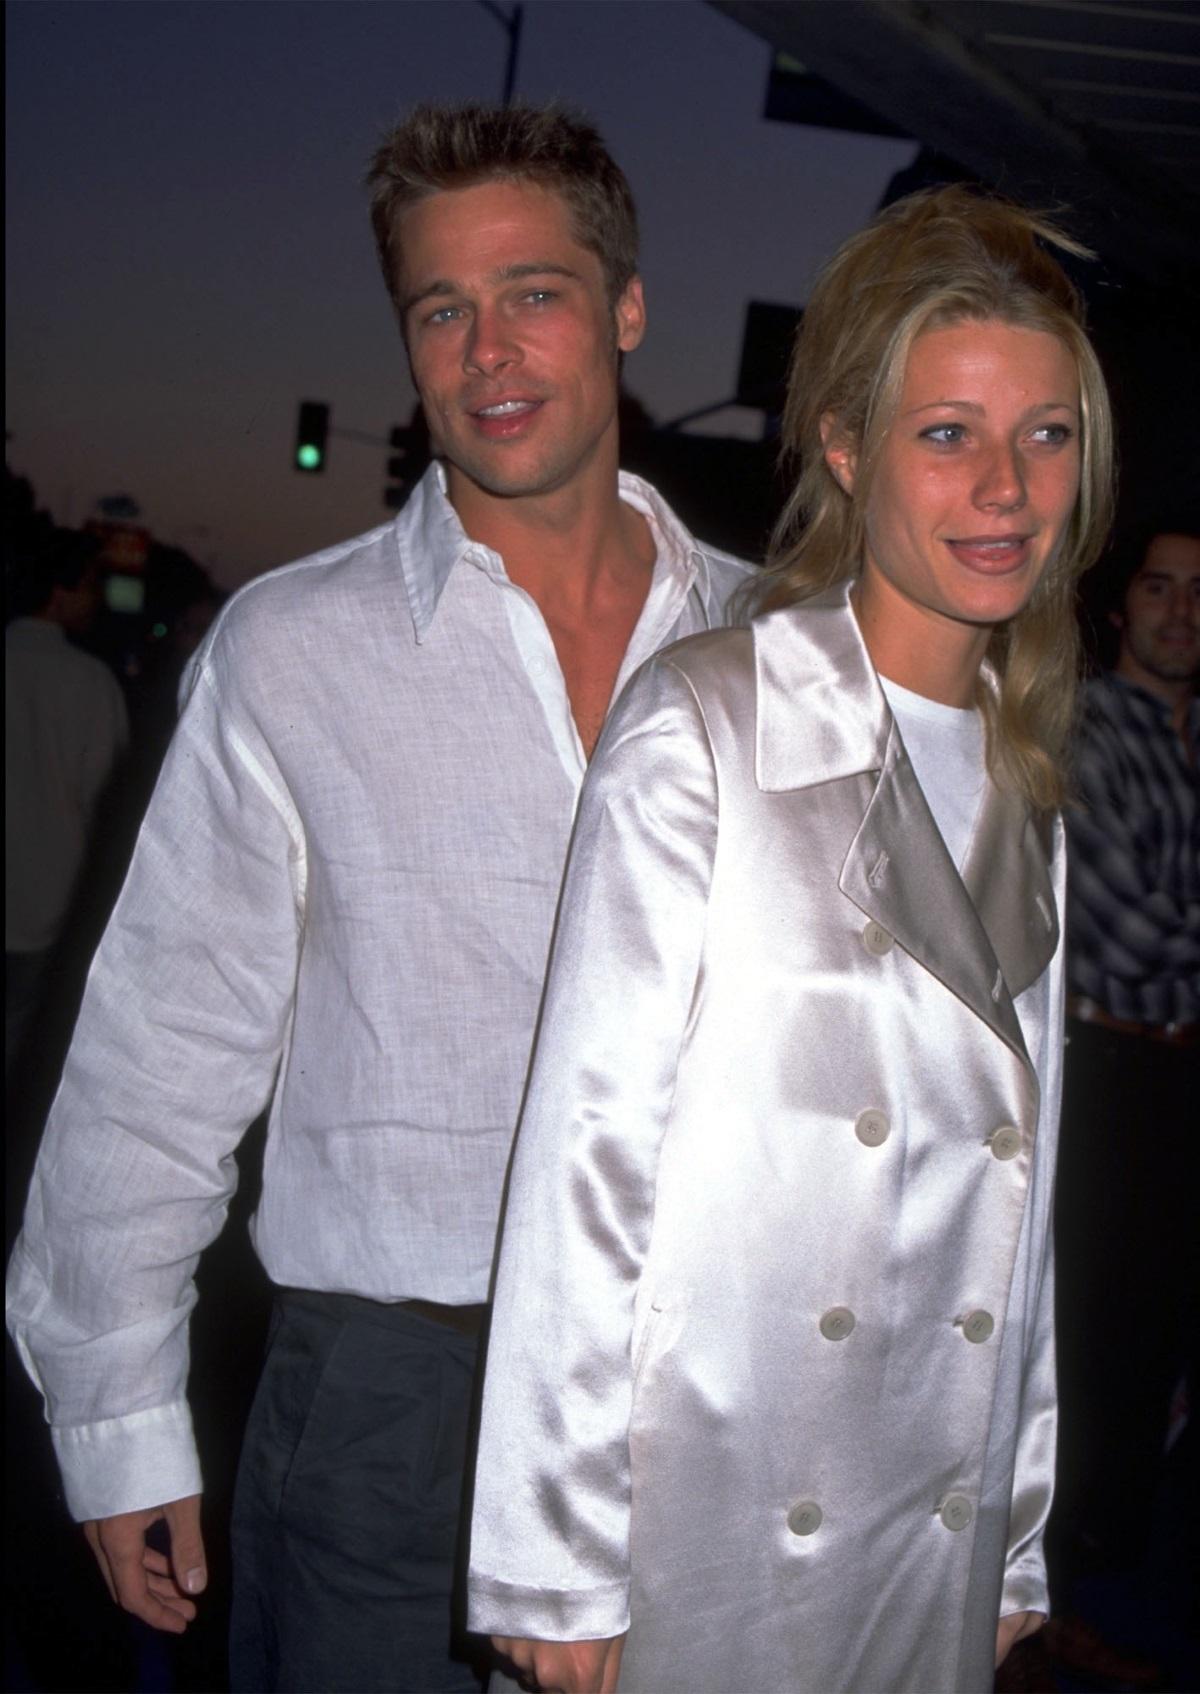 """През 1994 г. Брад Пит започва връзка с актрисата Гуинет Полтроу. Полтроу е на 20, когато се запознава с Брад. Връзката им продължава три години. За връзката си с него актрисата споделя: """"Не бях готова, а той беше прекалено добър за мен""""."""